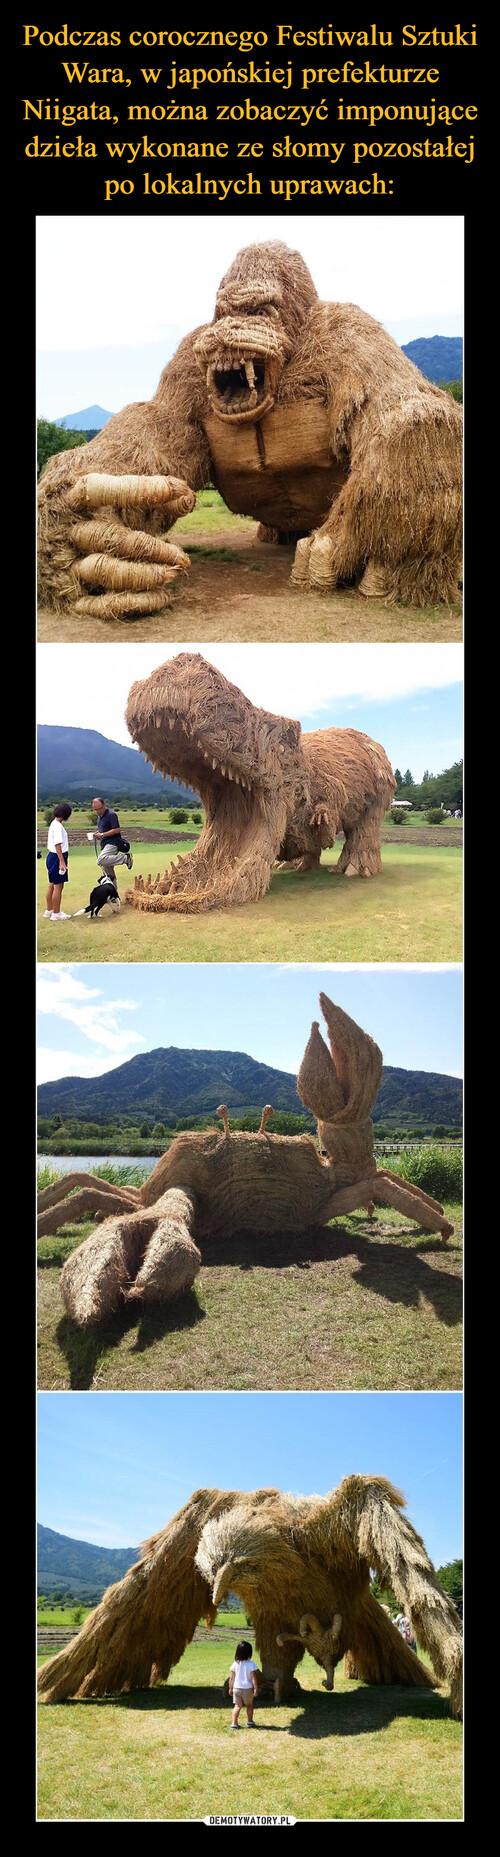 Podczas corocznego Festiwalu Sztuki Wara, w japońskiej prefekturze Niigata, można zobaczyć imponujące dzieła wykonane ze słomy pozostałej po lokalnych uprawach: